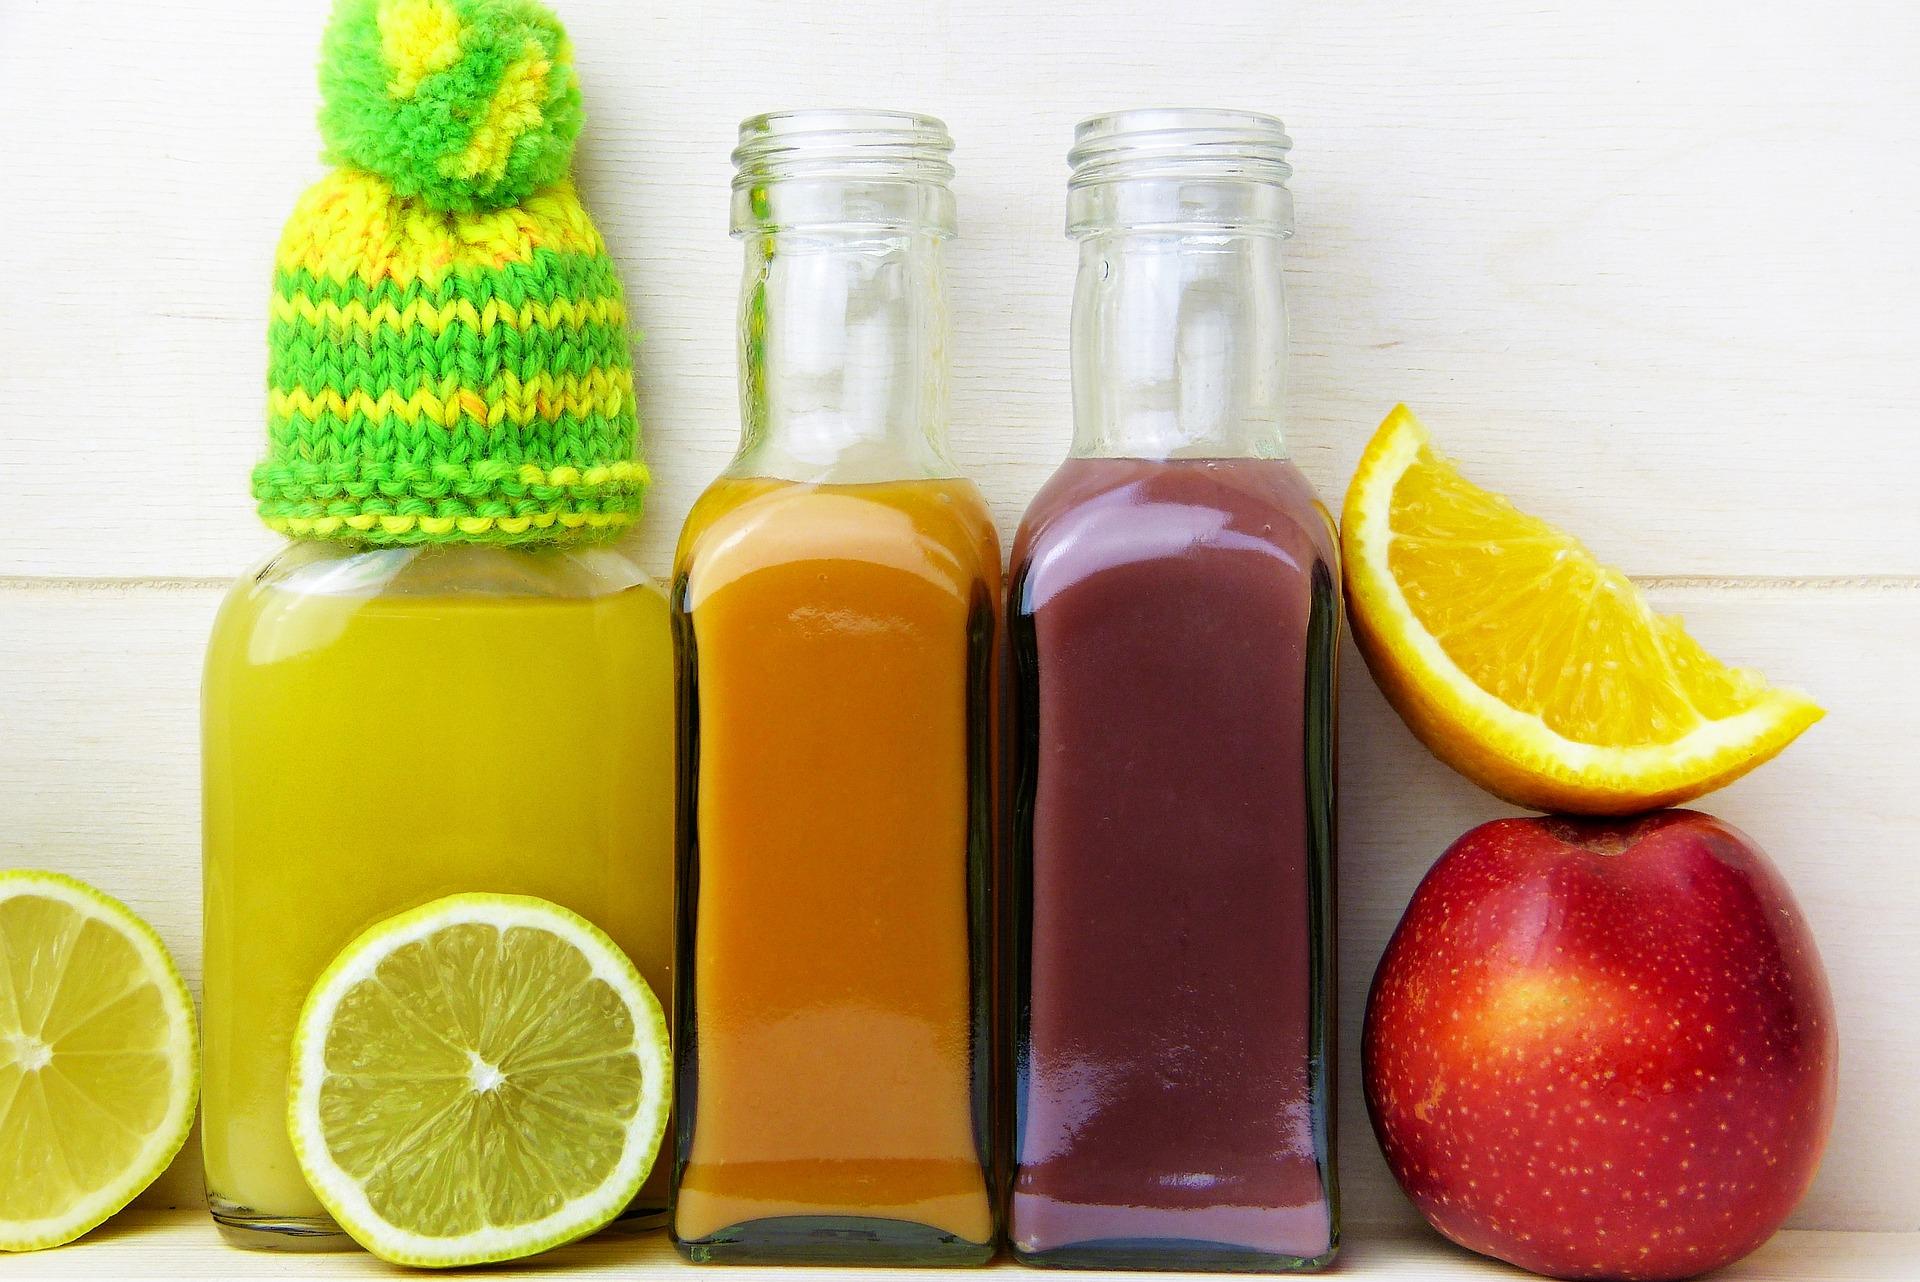 Sprzedaż soków, nektarów i napojów niegazowanych w sklepach małoformatowych